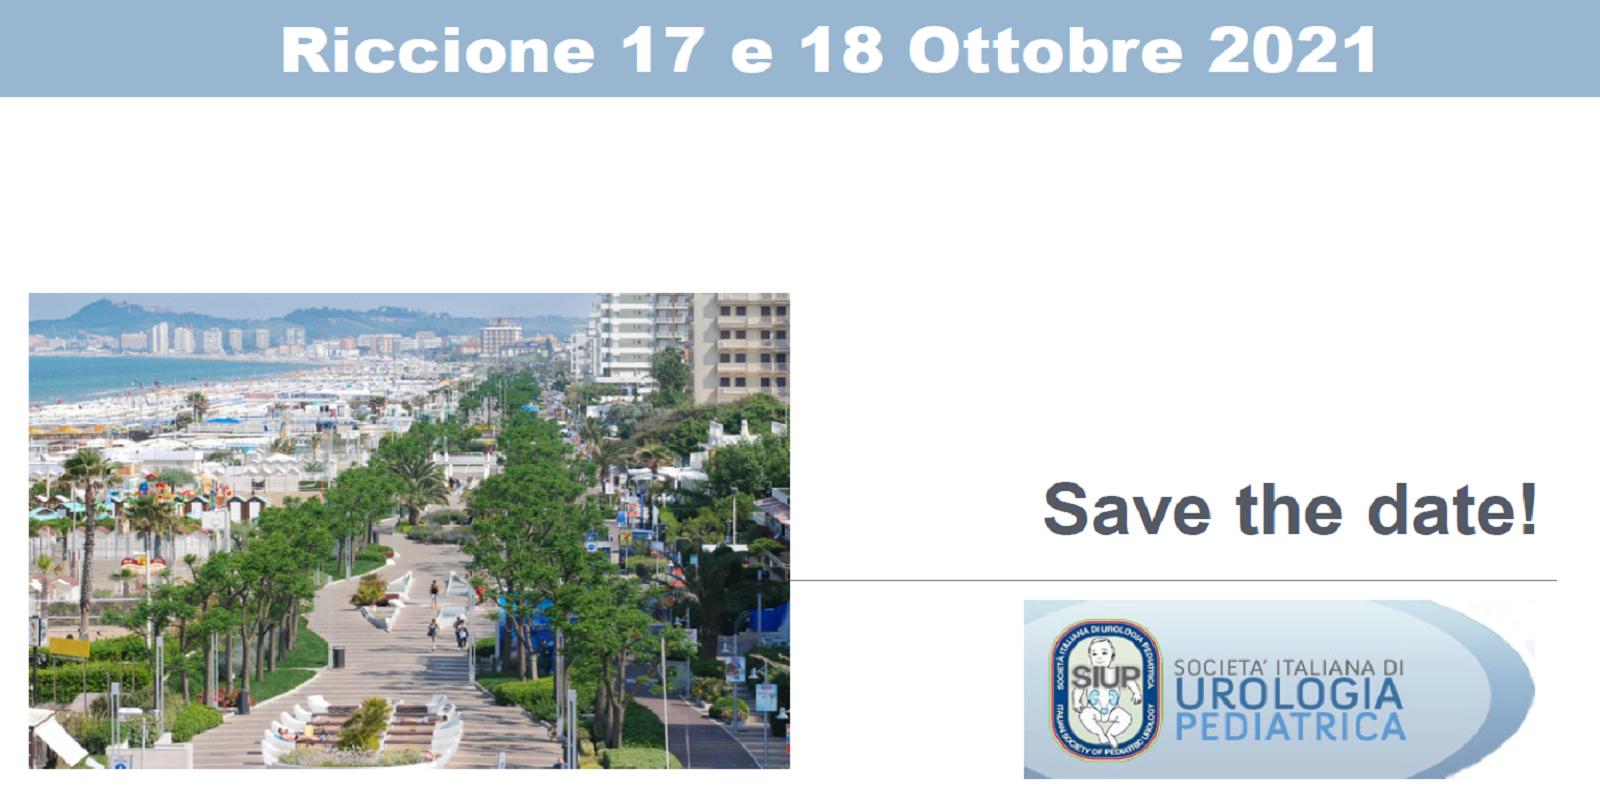 Save the date: Riccione 17 e 18 ottobre 2021